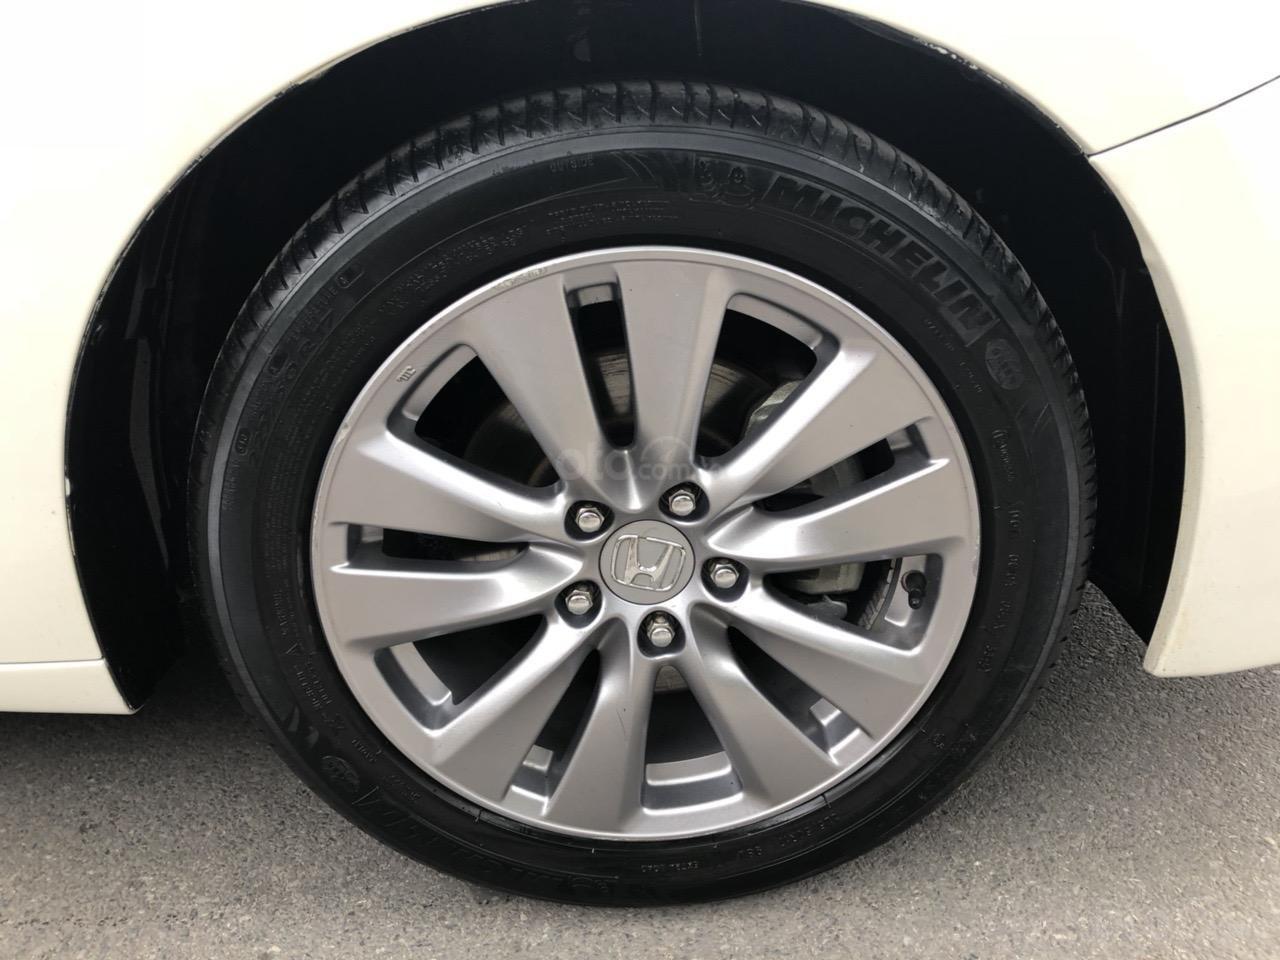 Bán Honda Accord 2.4S 2011 xe nhập, đẹp đến từng milimet, thật đấy-11